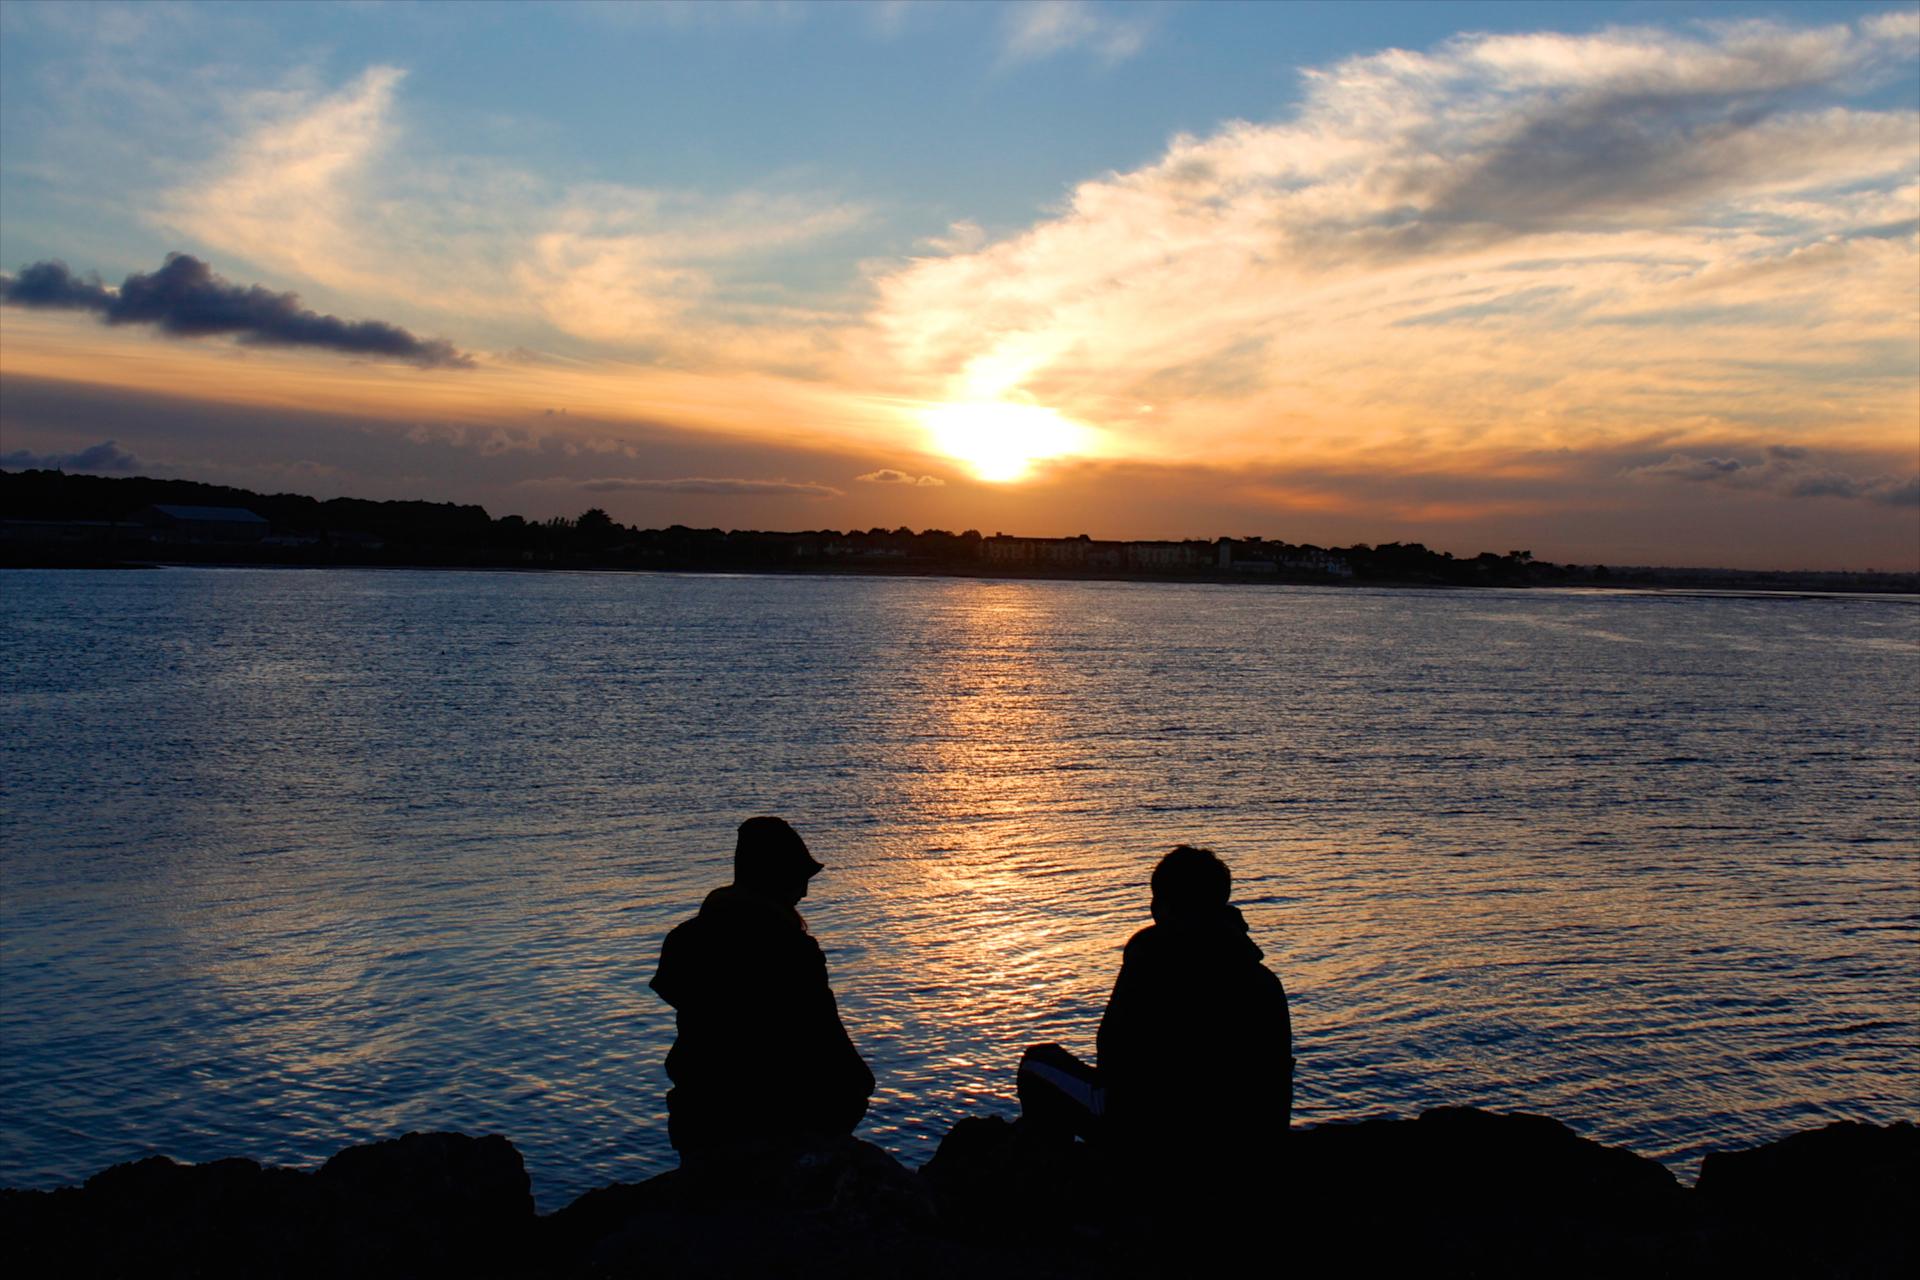 couple-dawn-dusk-3020.jpg